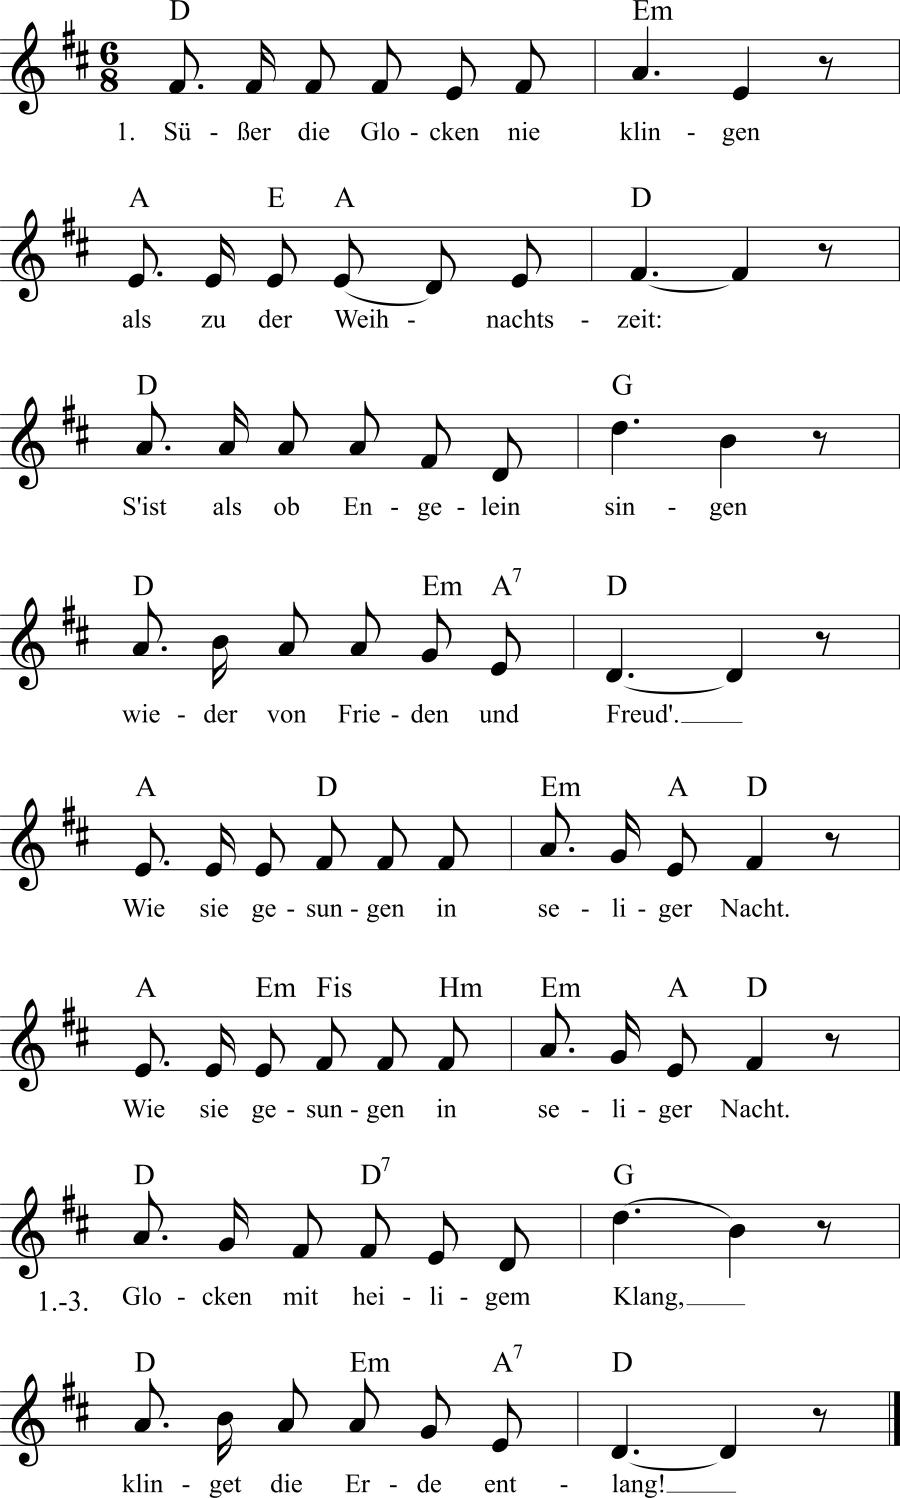 Texte Weihnachtslieder Zum Ausdrucken.Süßer Die Glocken Nie Klingen Noten Liedtext Midi Akkorde